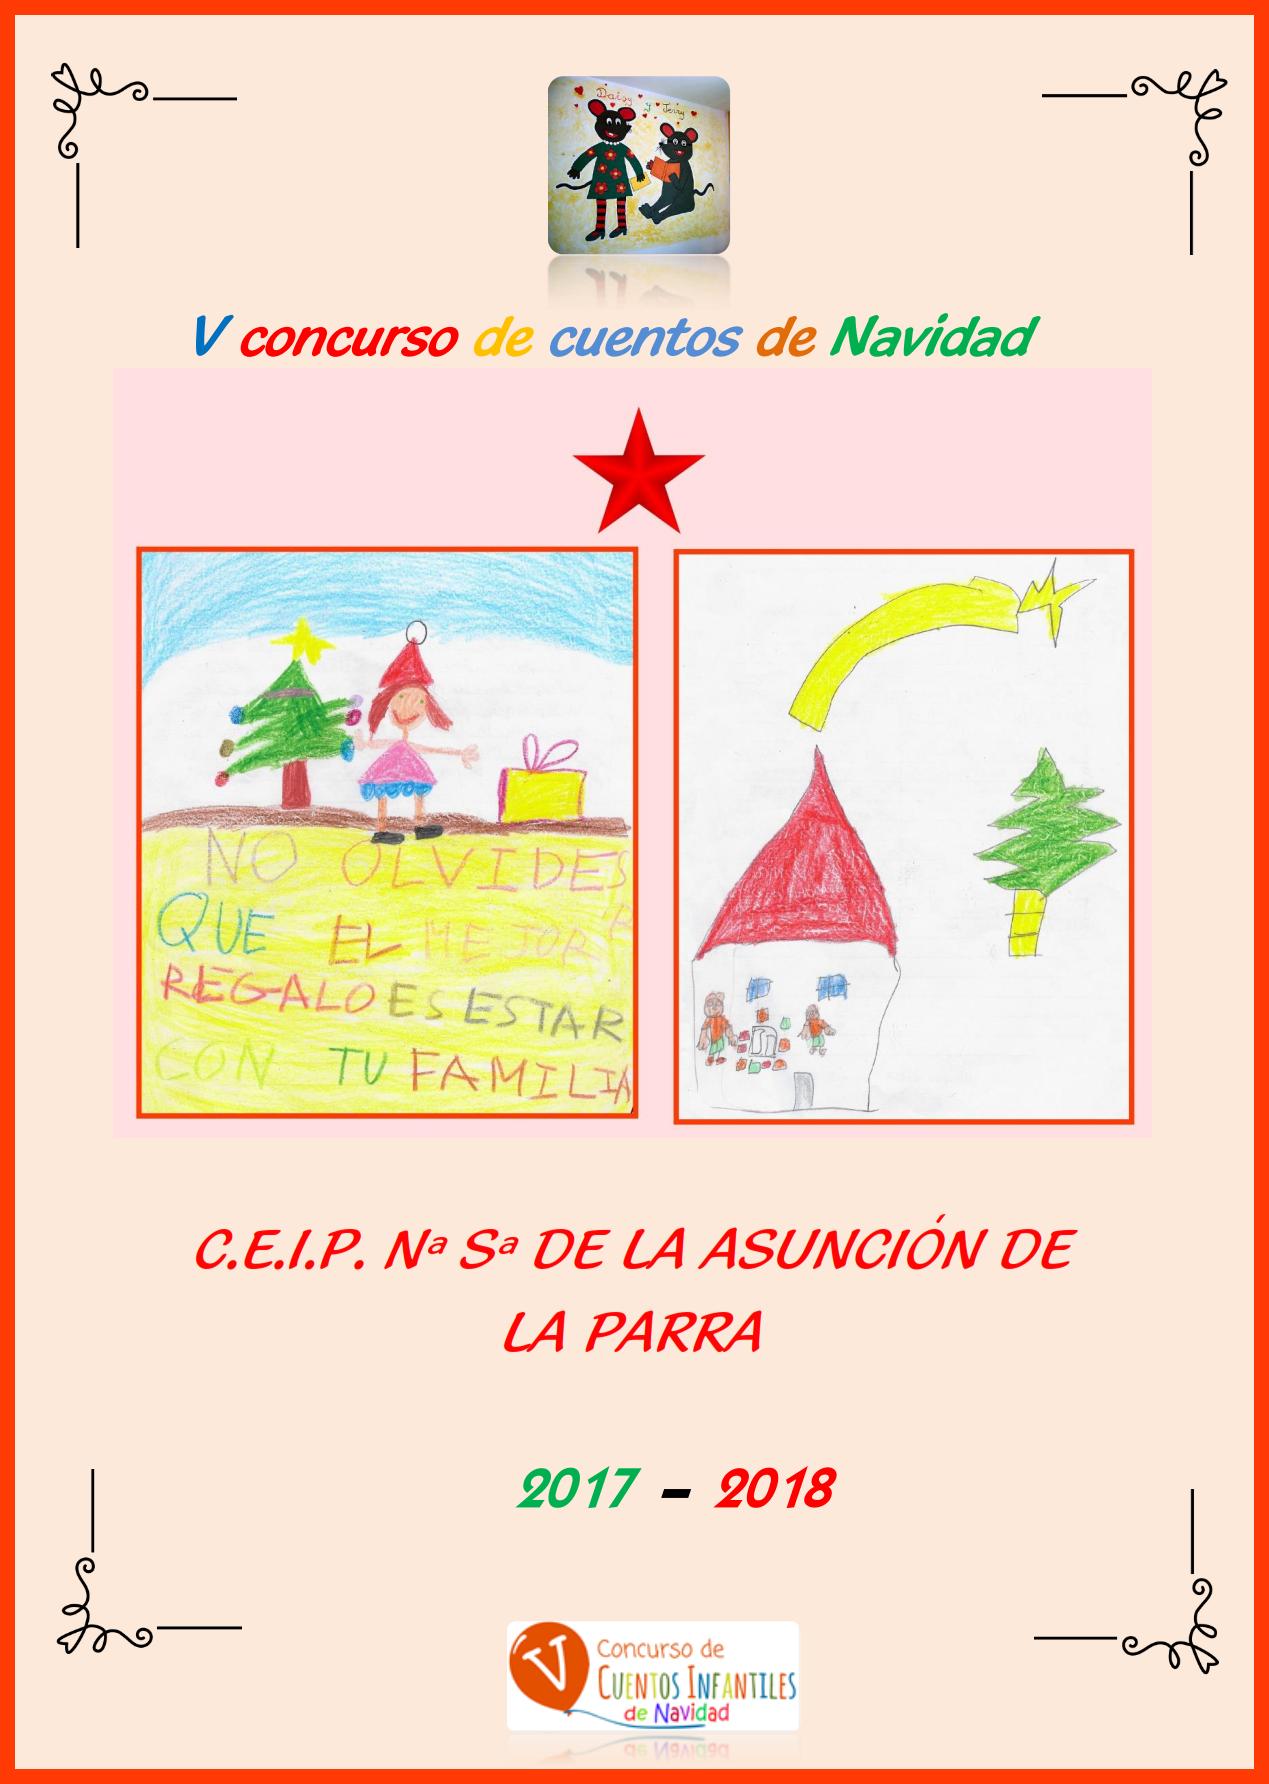 V concurso de cuentos de Navidad 2017 del colegio de La Parra 001